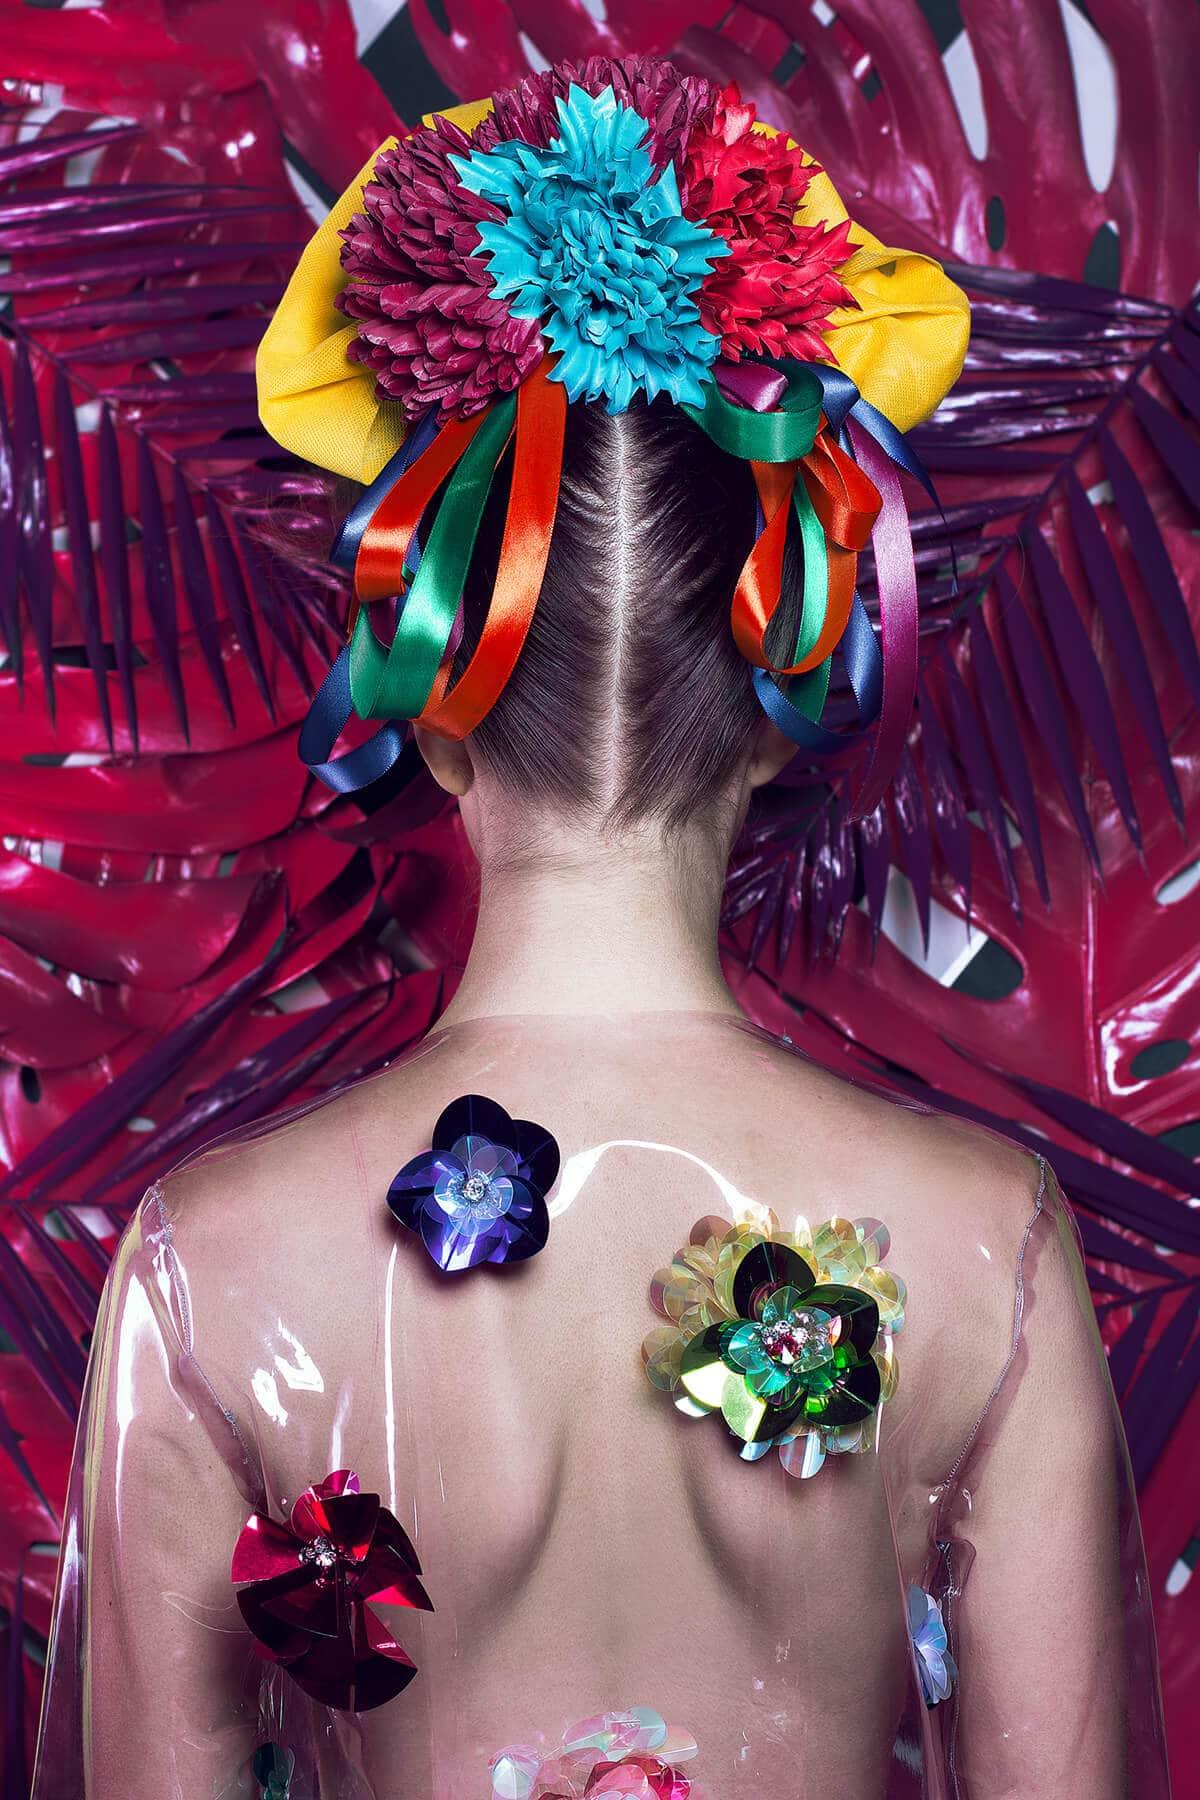 frida kahlo modern fashion icon fy 4